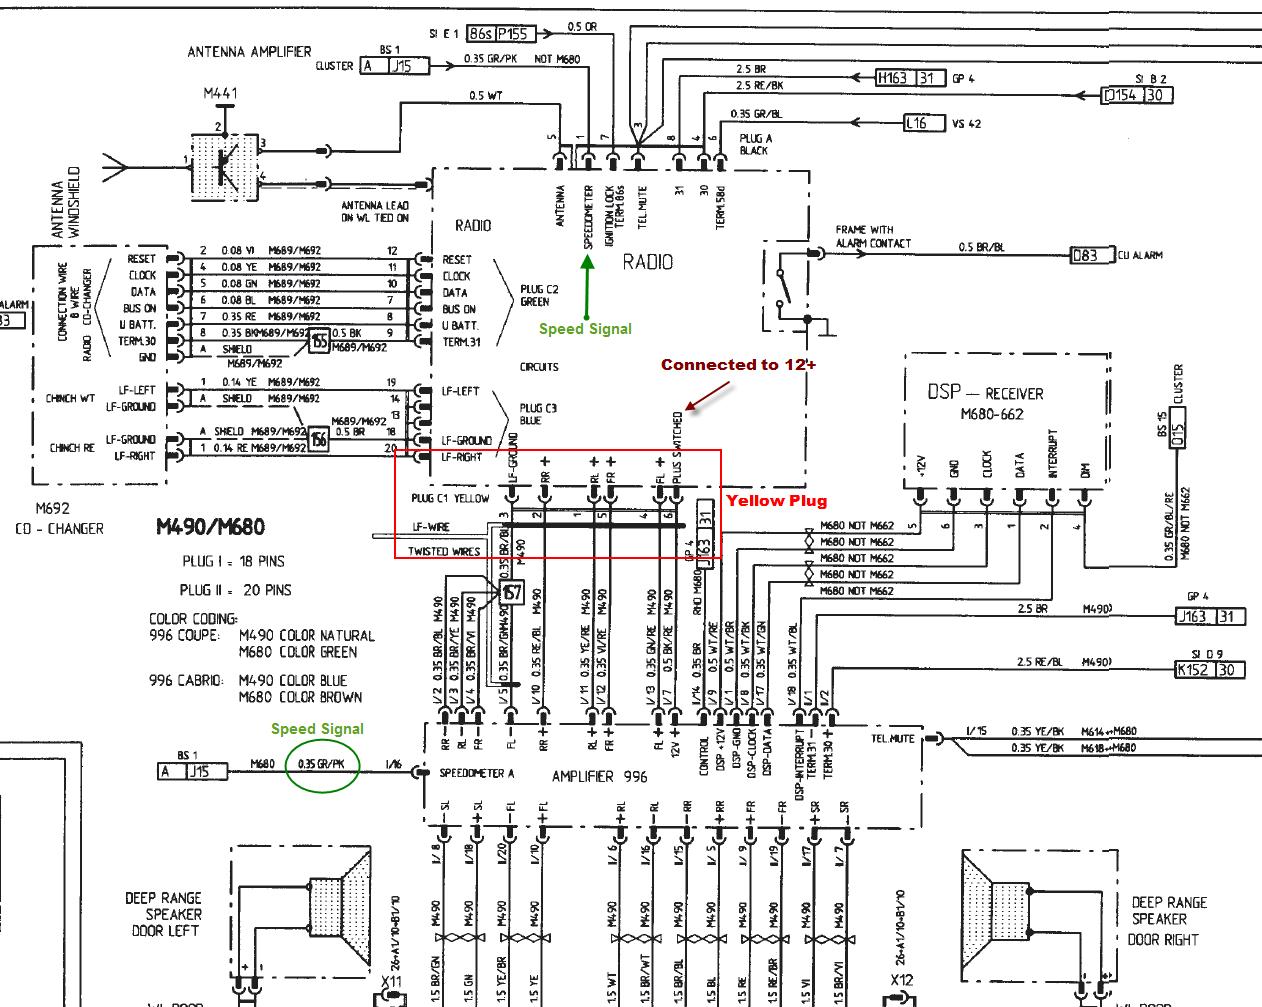 2012 audi wiring diagram vk 0180  audi a car radio wiring schematic wiring  audi a car radio wiring schematic wiring